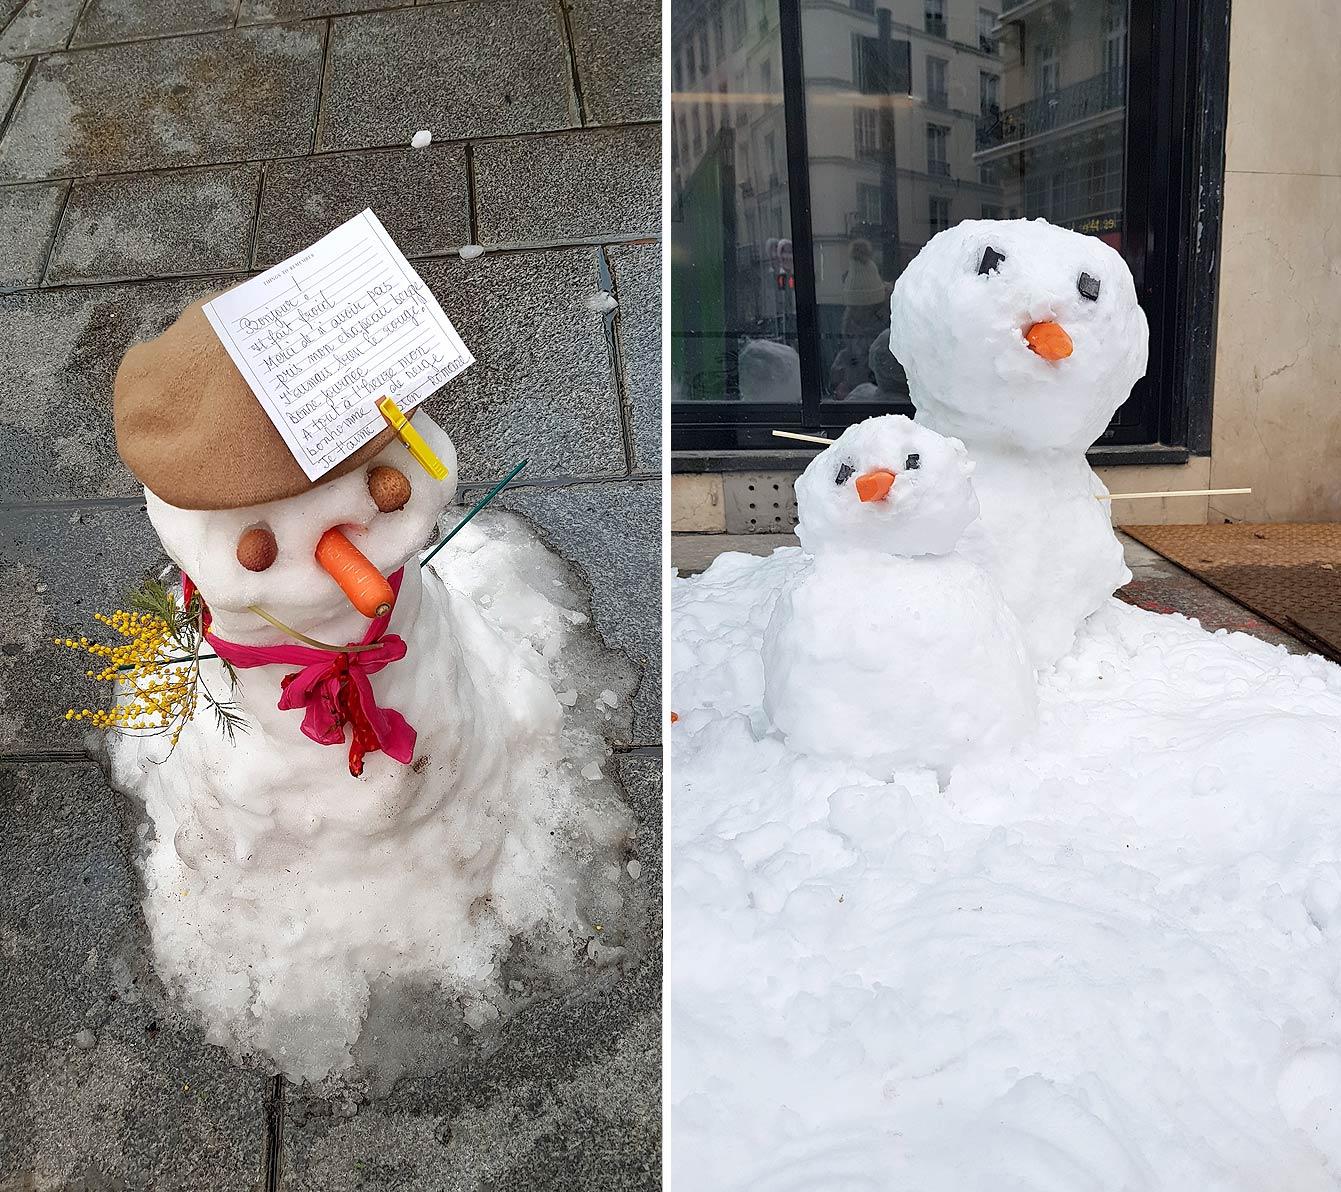 bonhomme-de-neige-paris-2